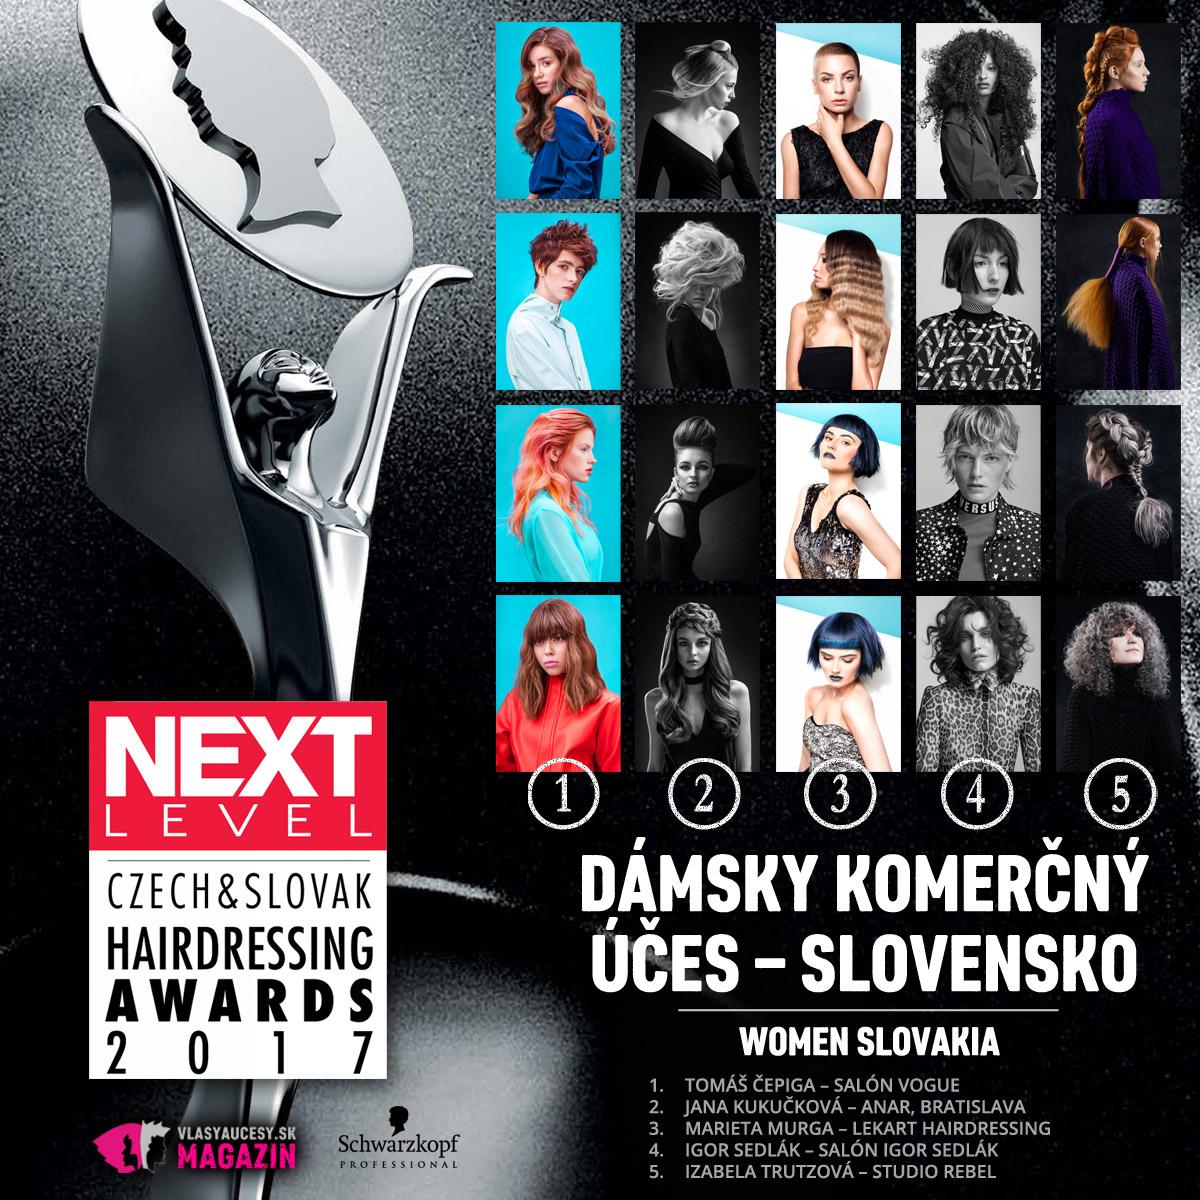 Czech&Slovak Hairdressing Awards 2017 – kategória Dámsky komerčný účes Slovensko.